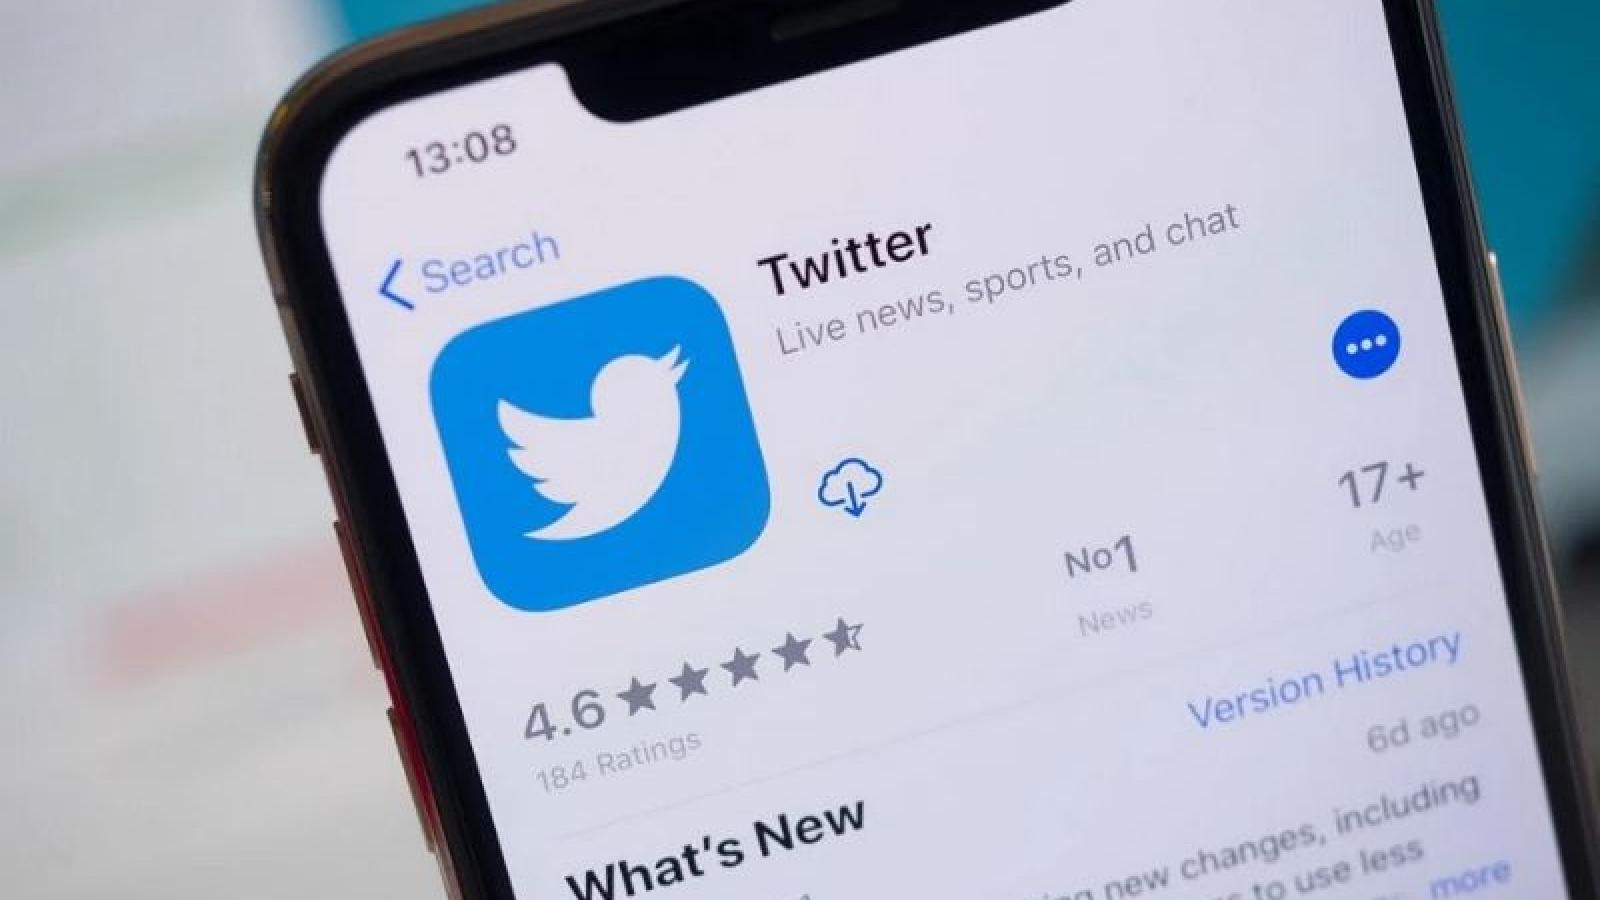 Dòng tweet đầu tiên được đem ra đấu giá, lên đến 2,5 triệu USD